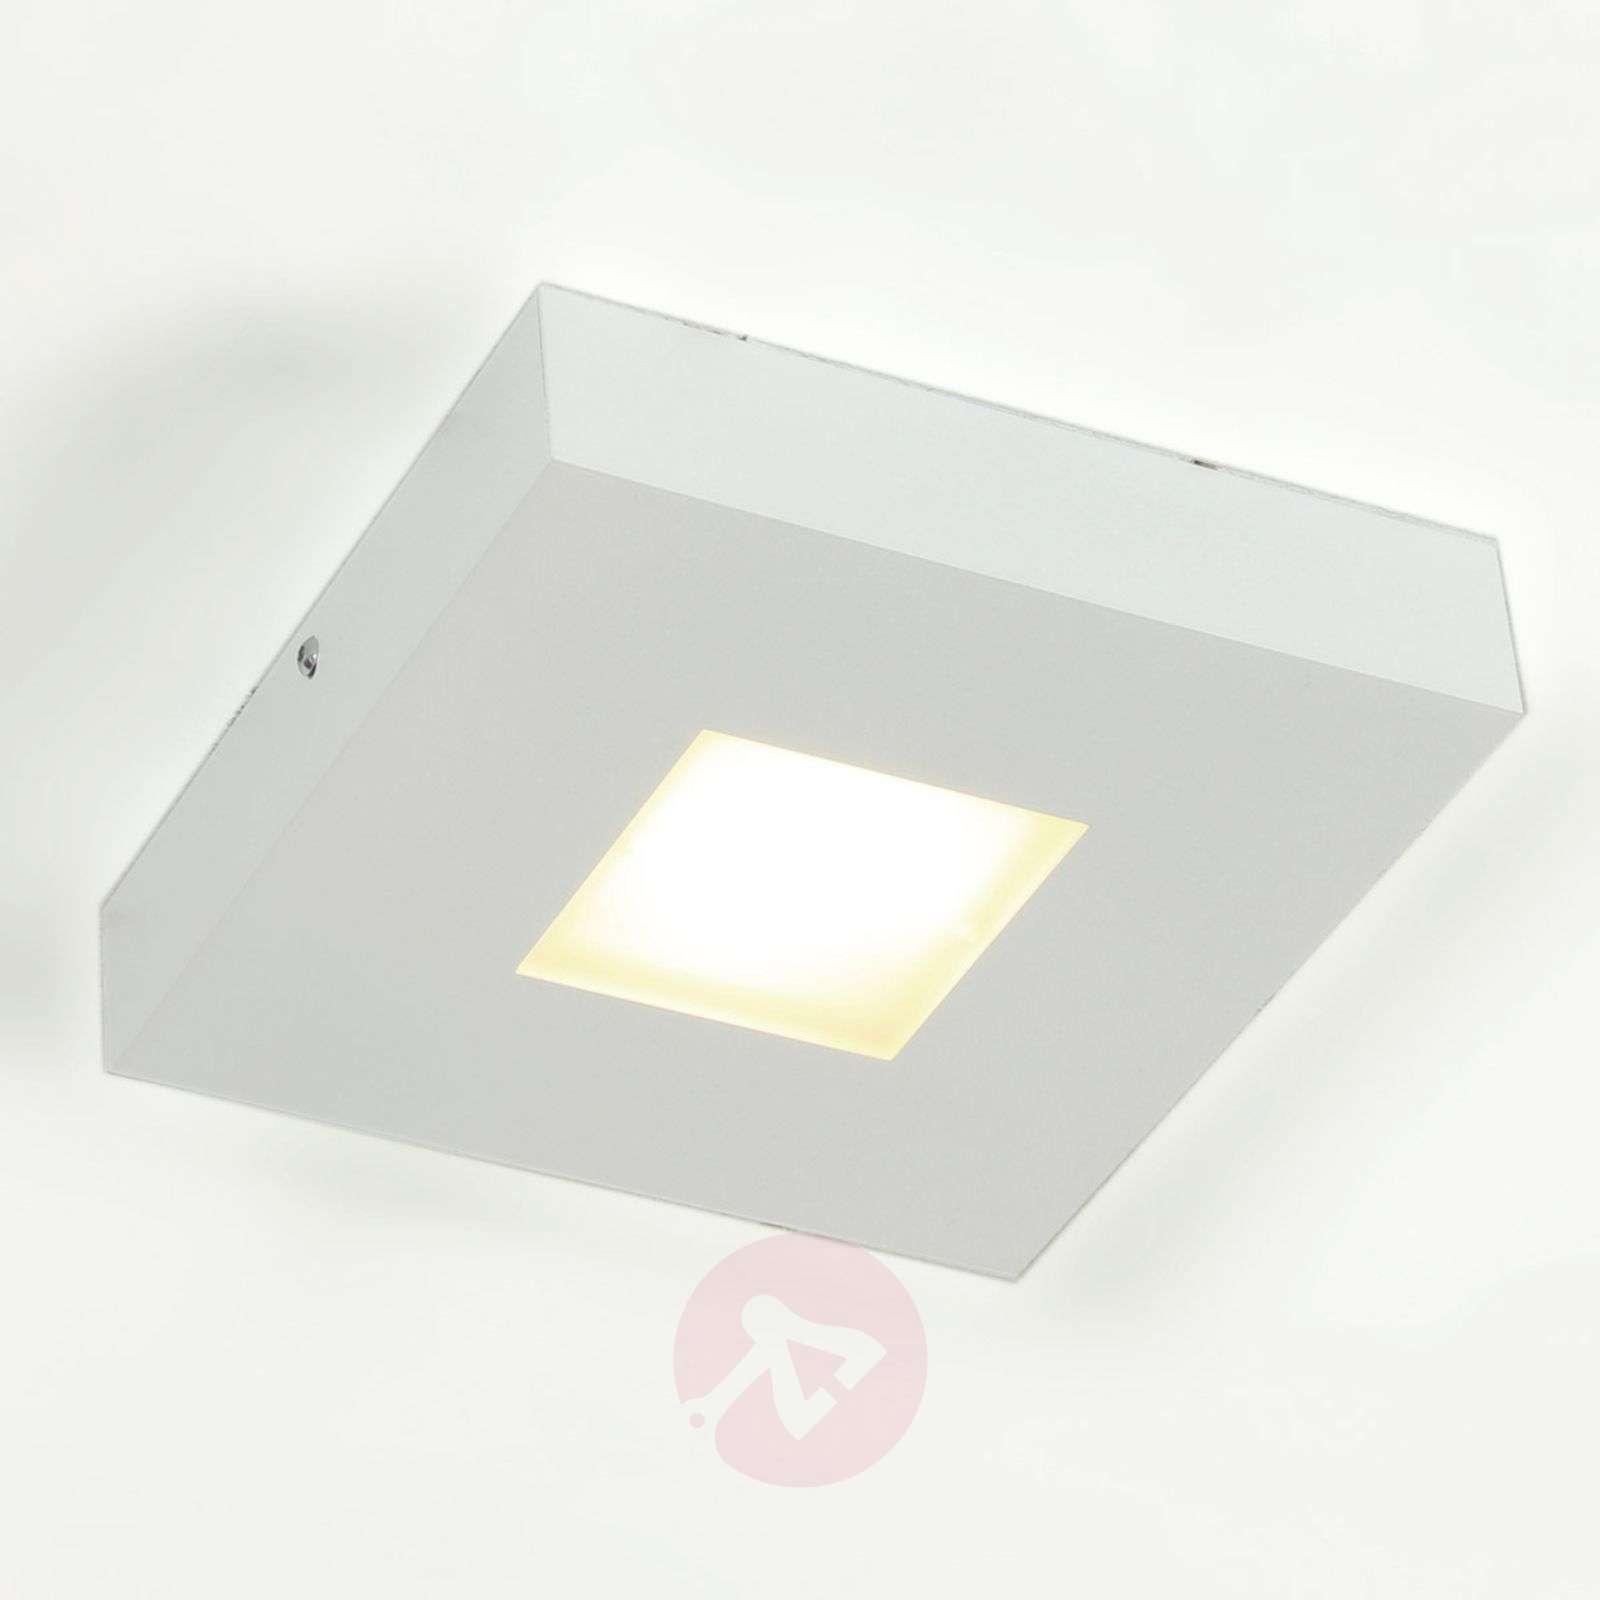 Laadukas LED-kattovalaisin Cubus, valkoinen-1556134-01